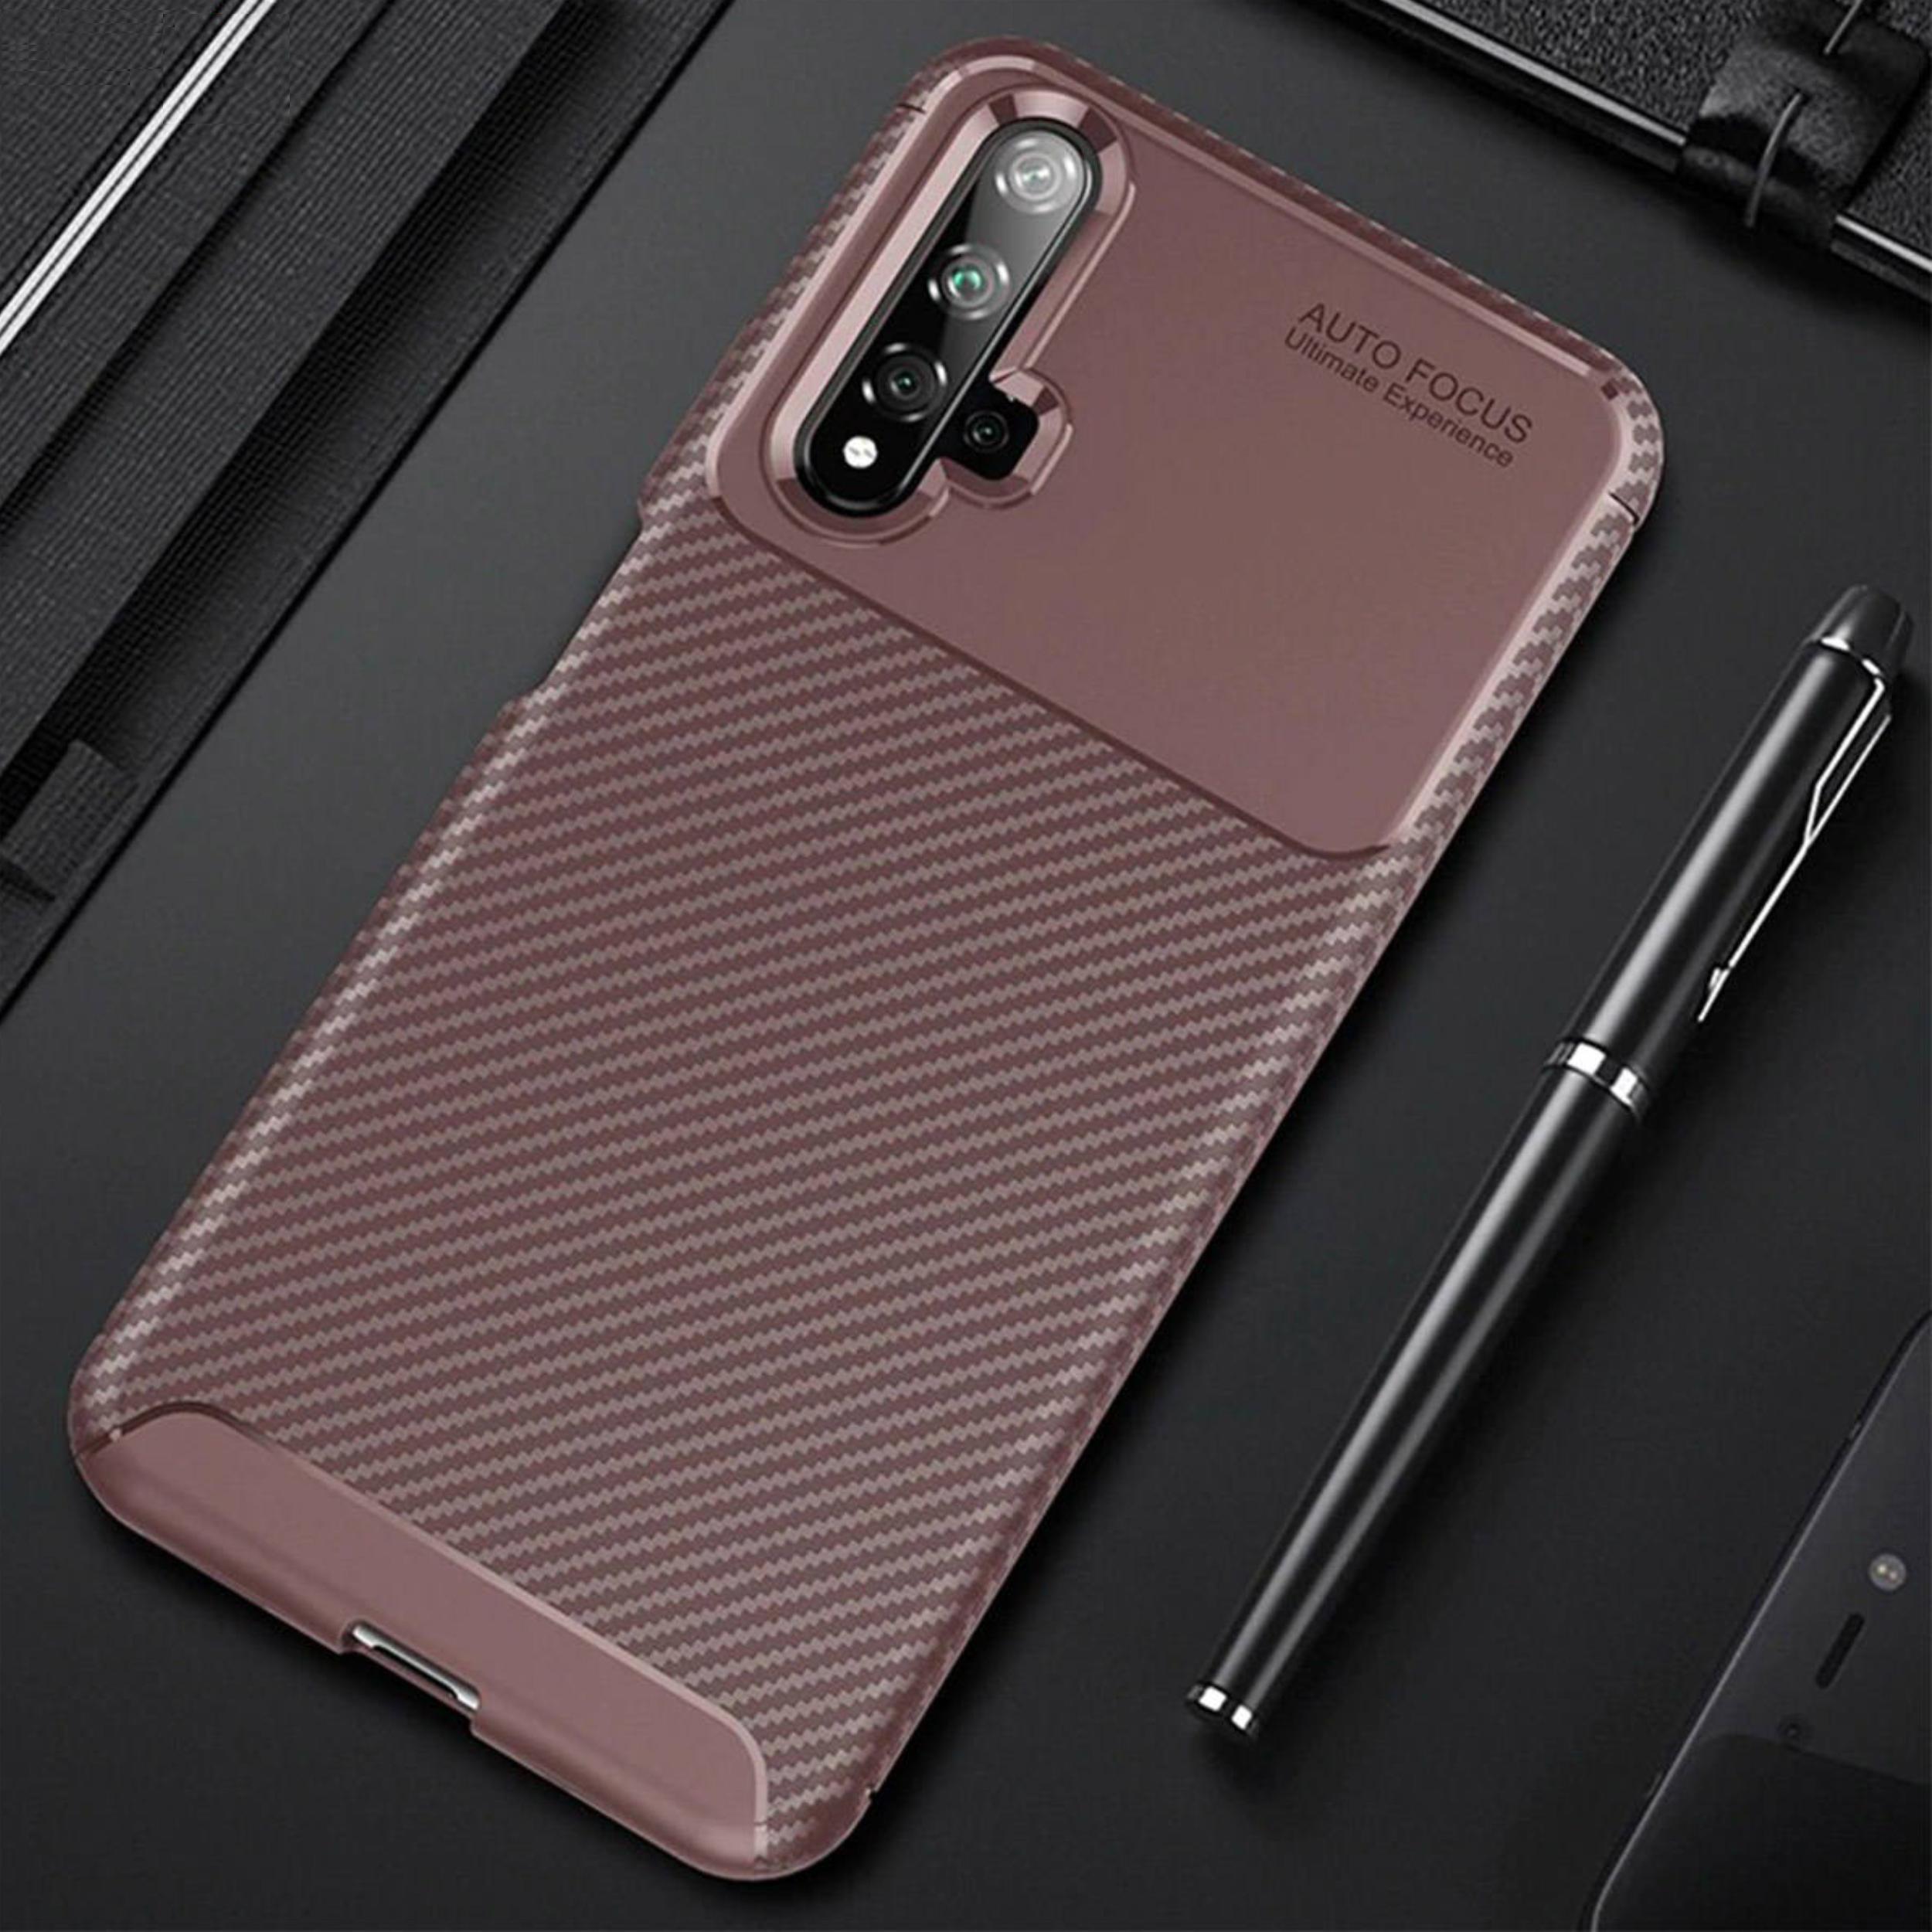 کاور لاین کینگ مدل A21 مناسب برای گوشی موبایل هوآوی Nova 5T thumb 2 10